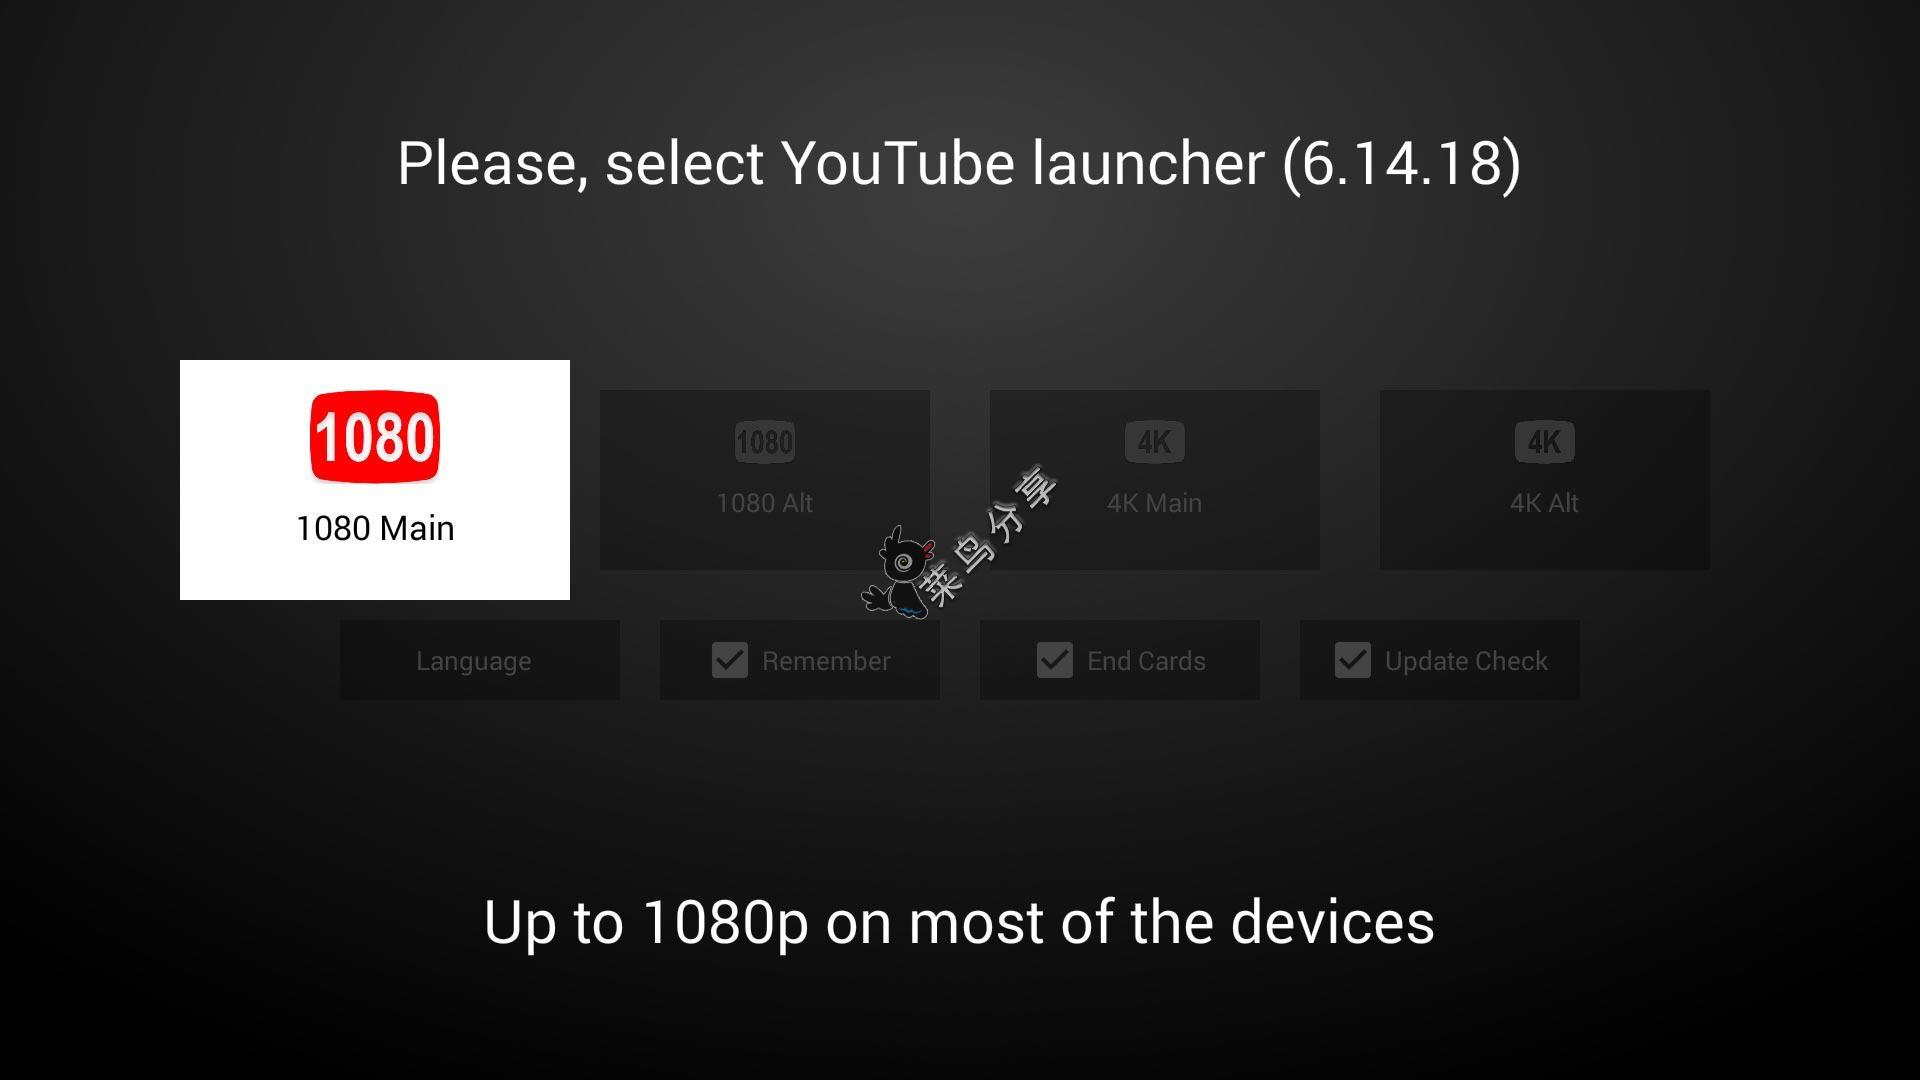 轻松两步教你在小米电视和小米盒子上看YouTube第1张-菜鸟分享